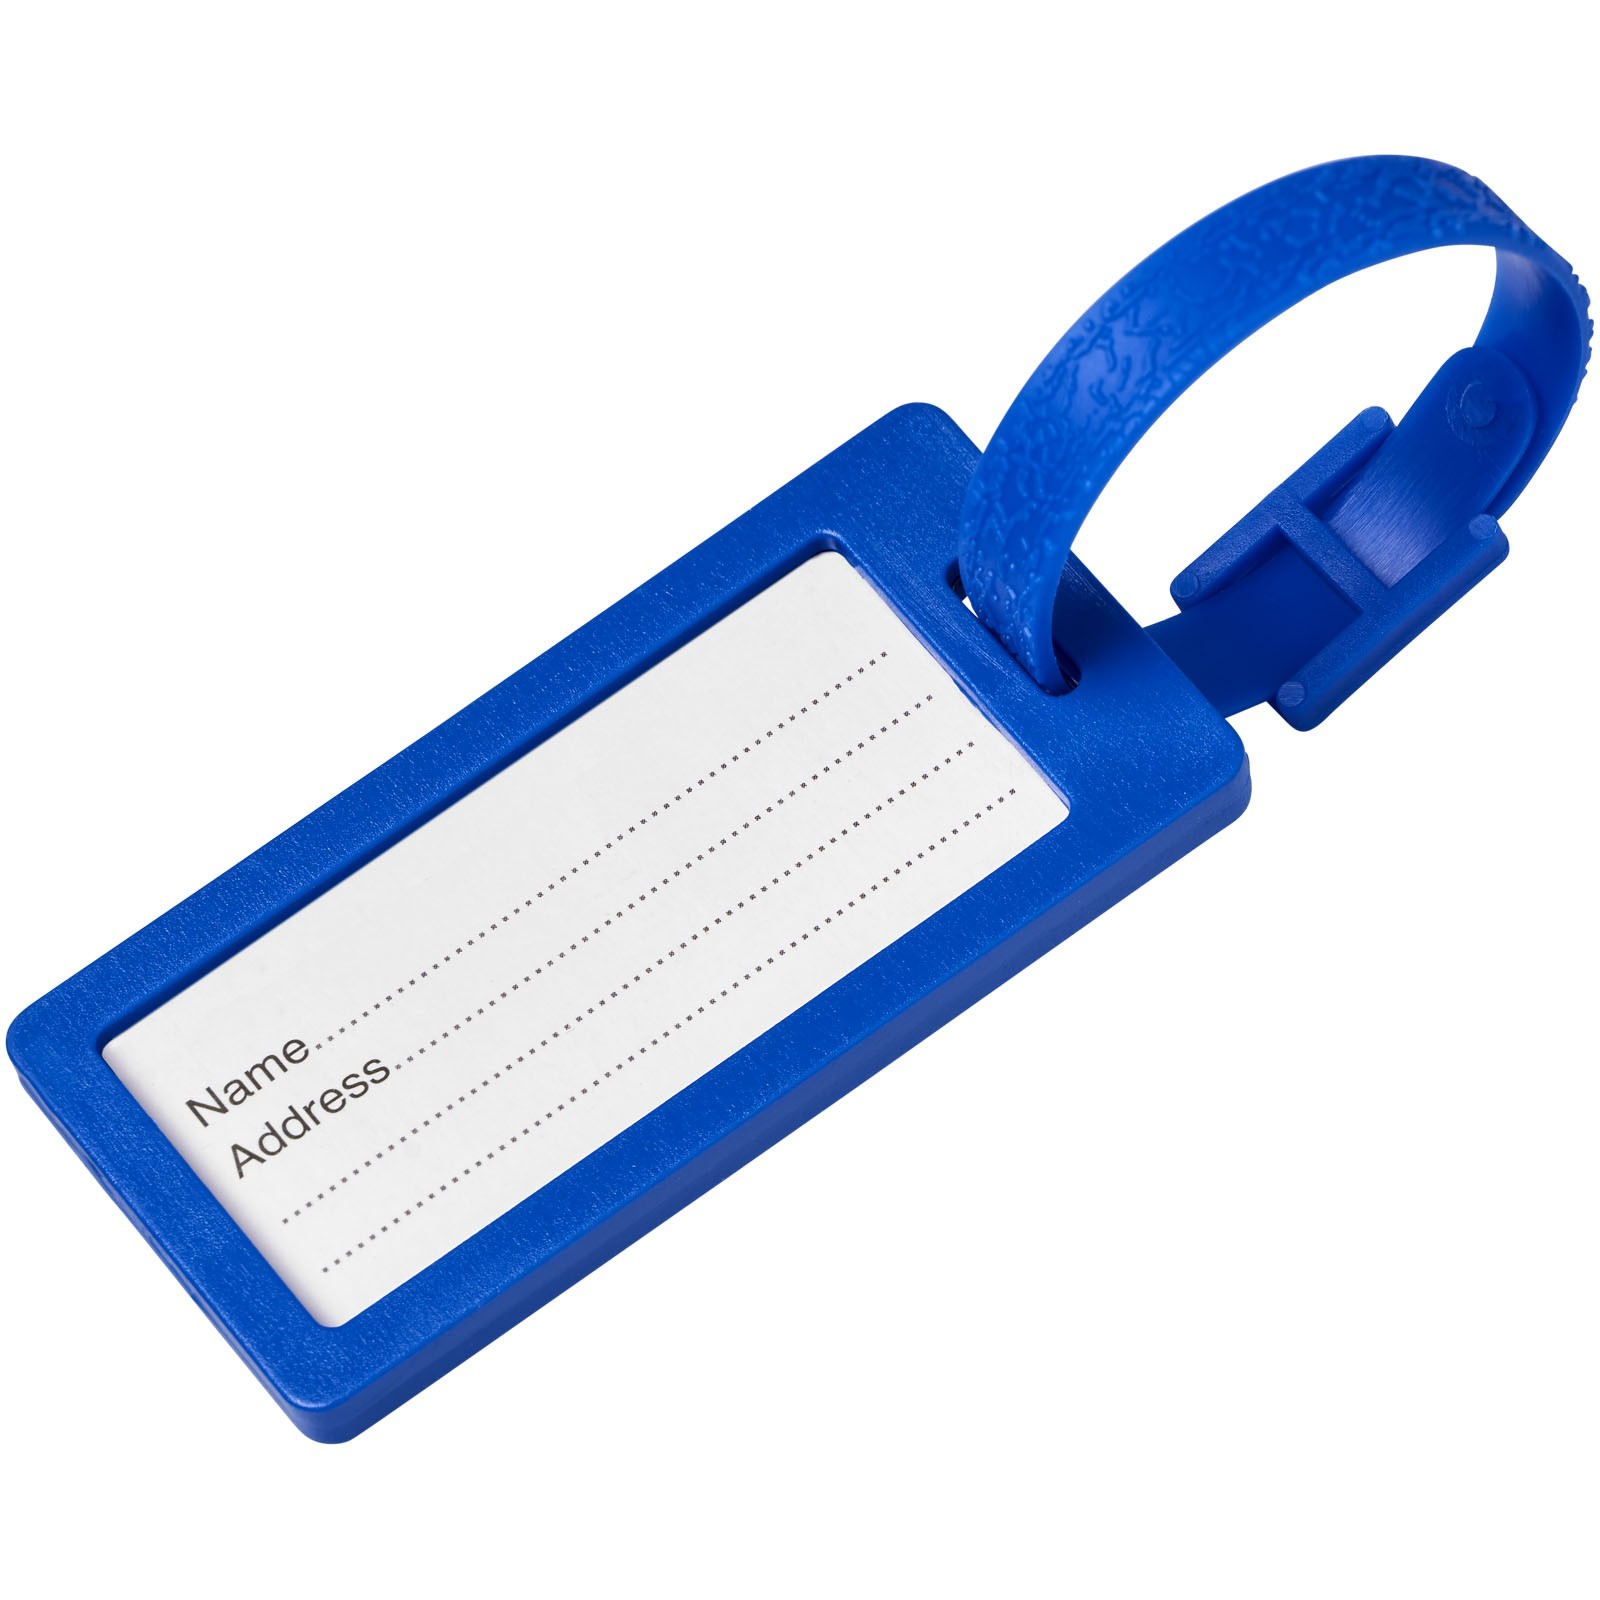 Štítek na zavazadla s okénkem River - Modrá